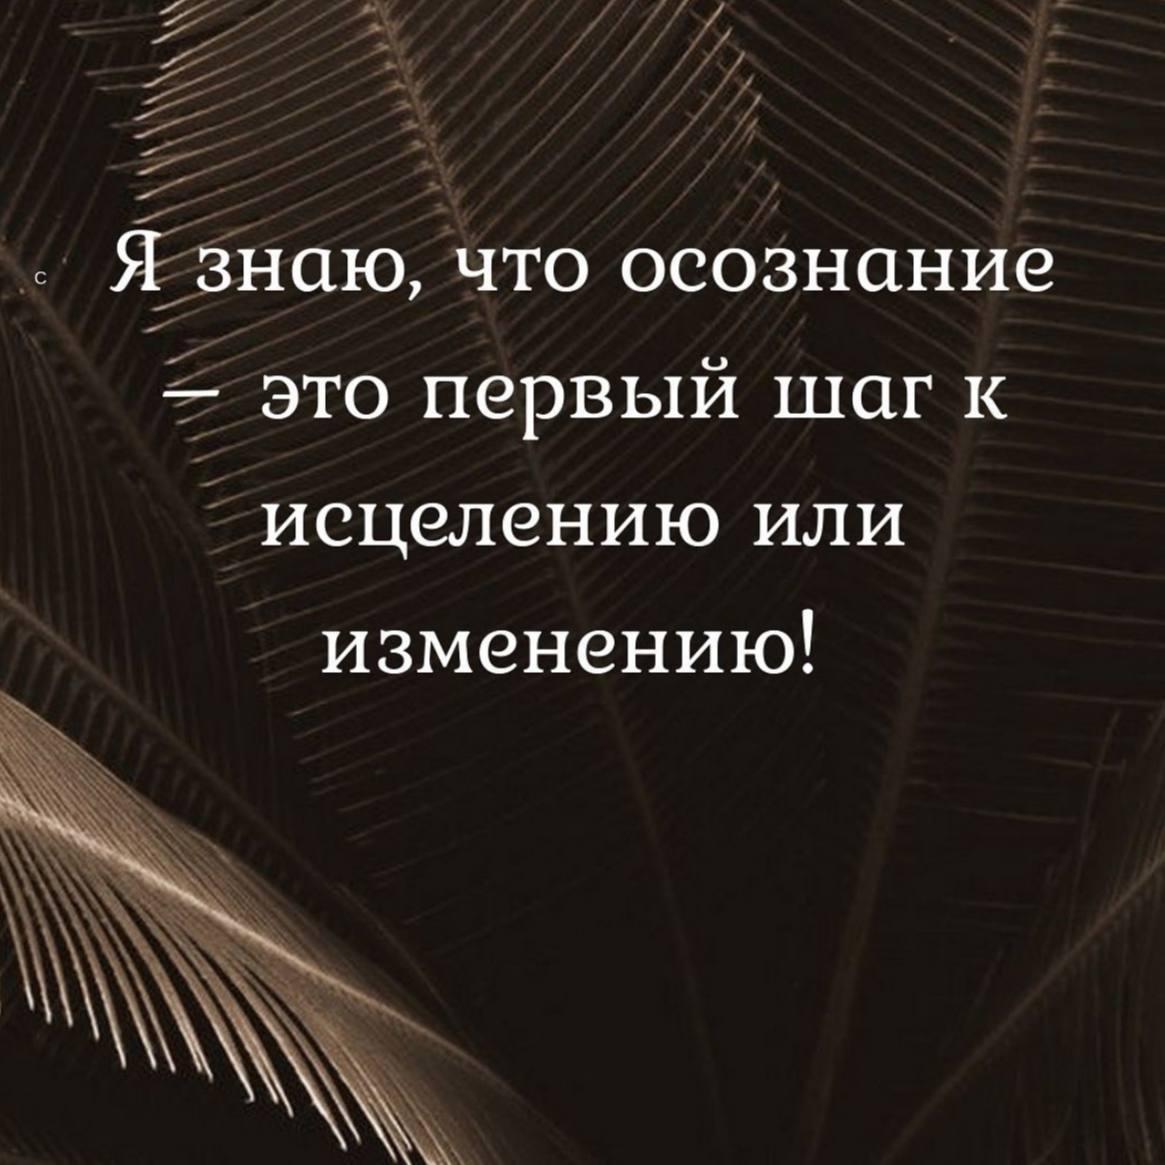 Осознайте то, что вы «живёте не ради чего-либо», а просто «живёте».